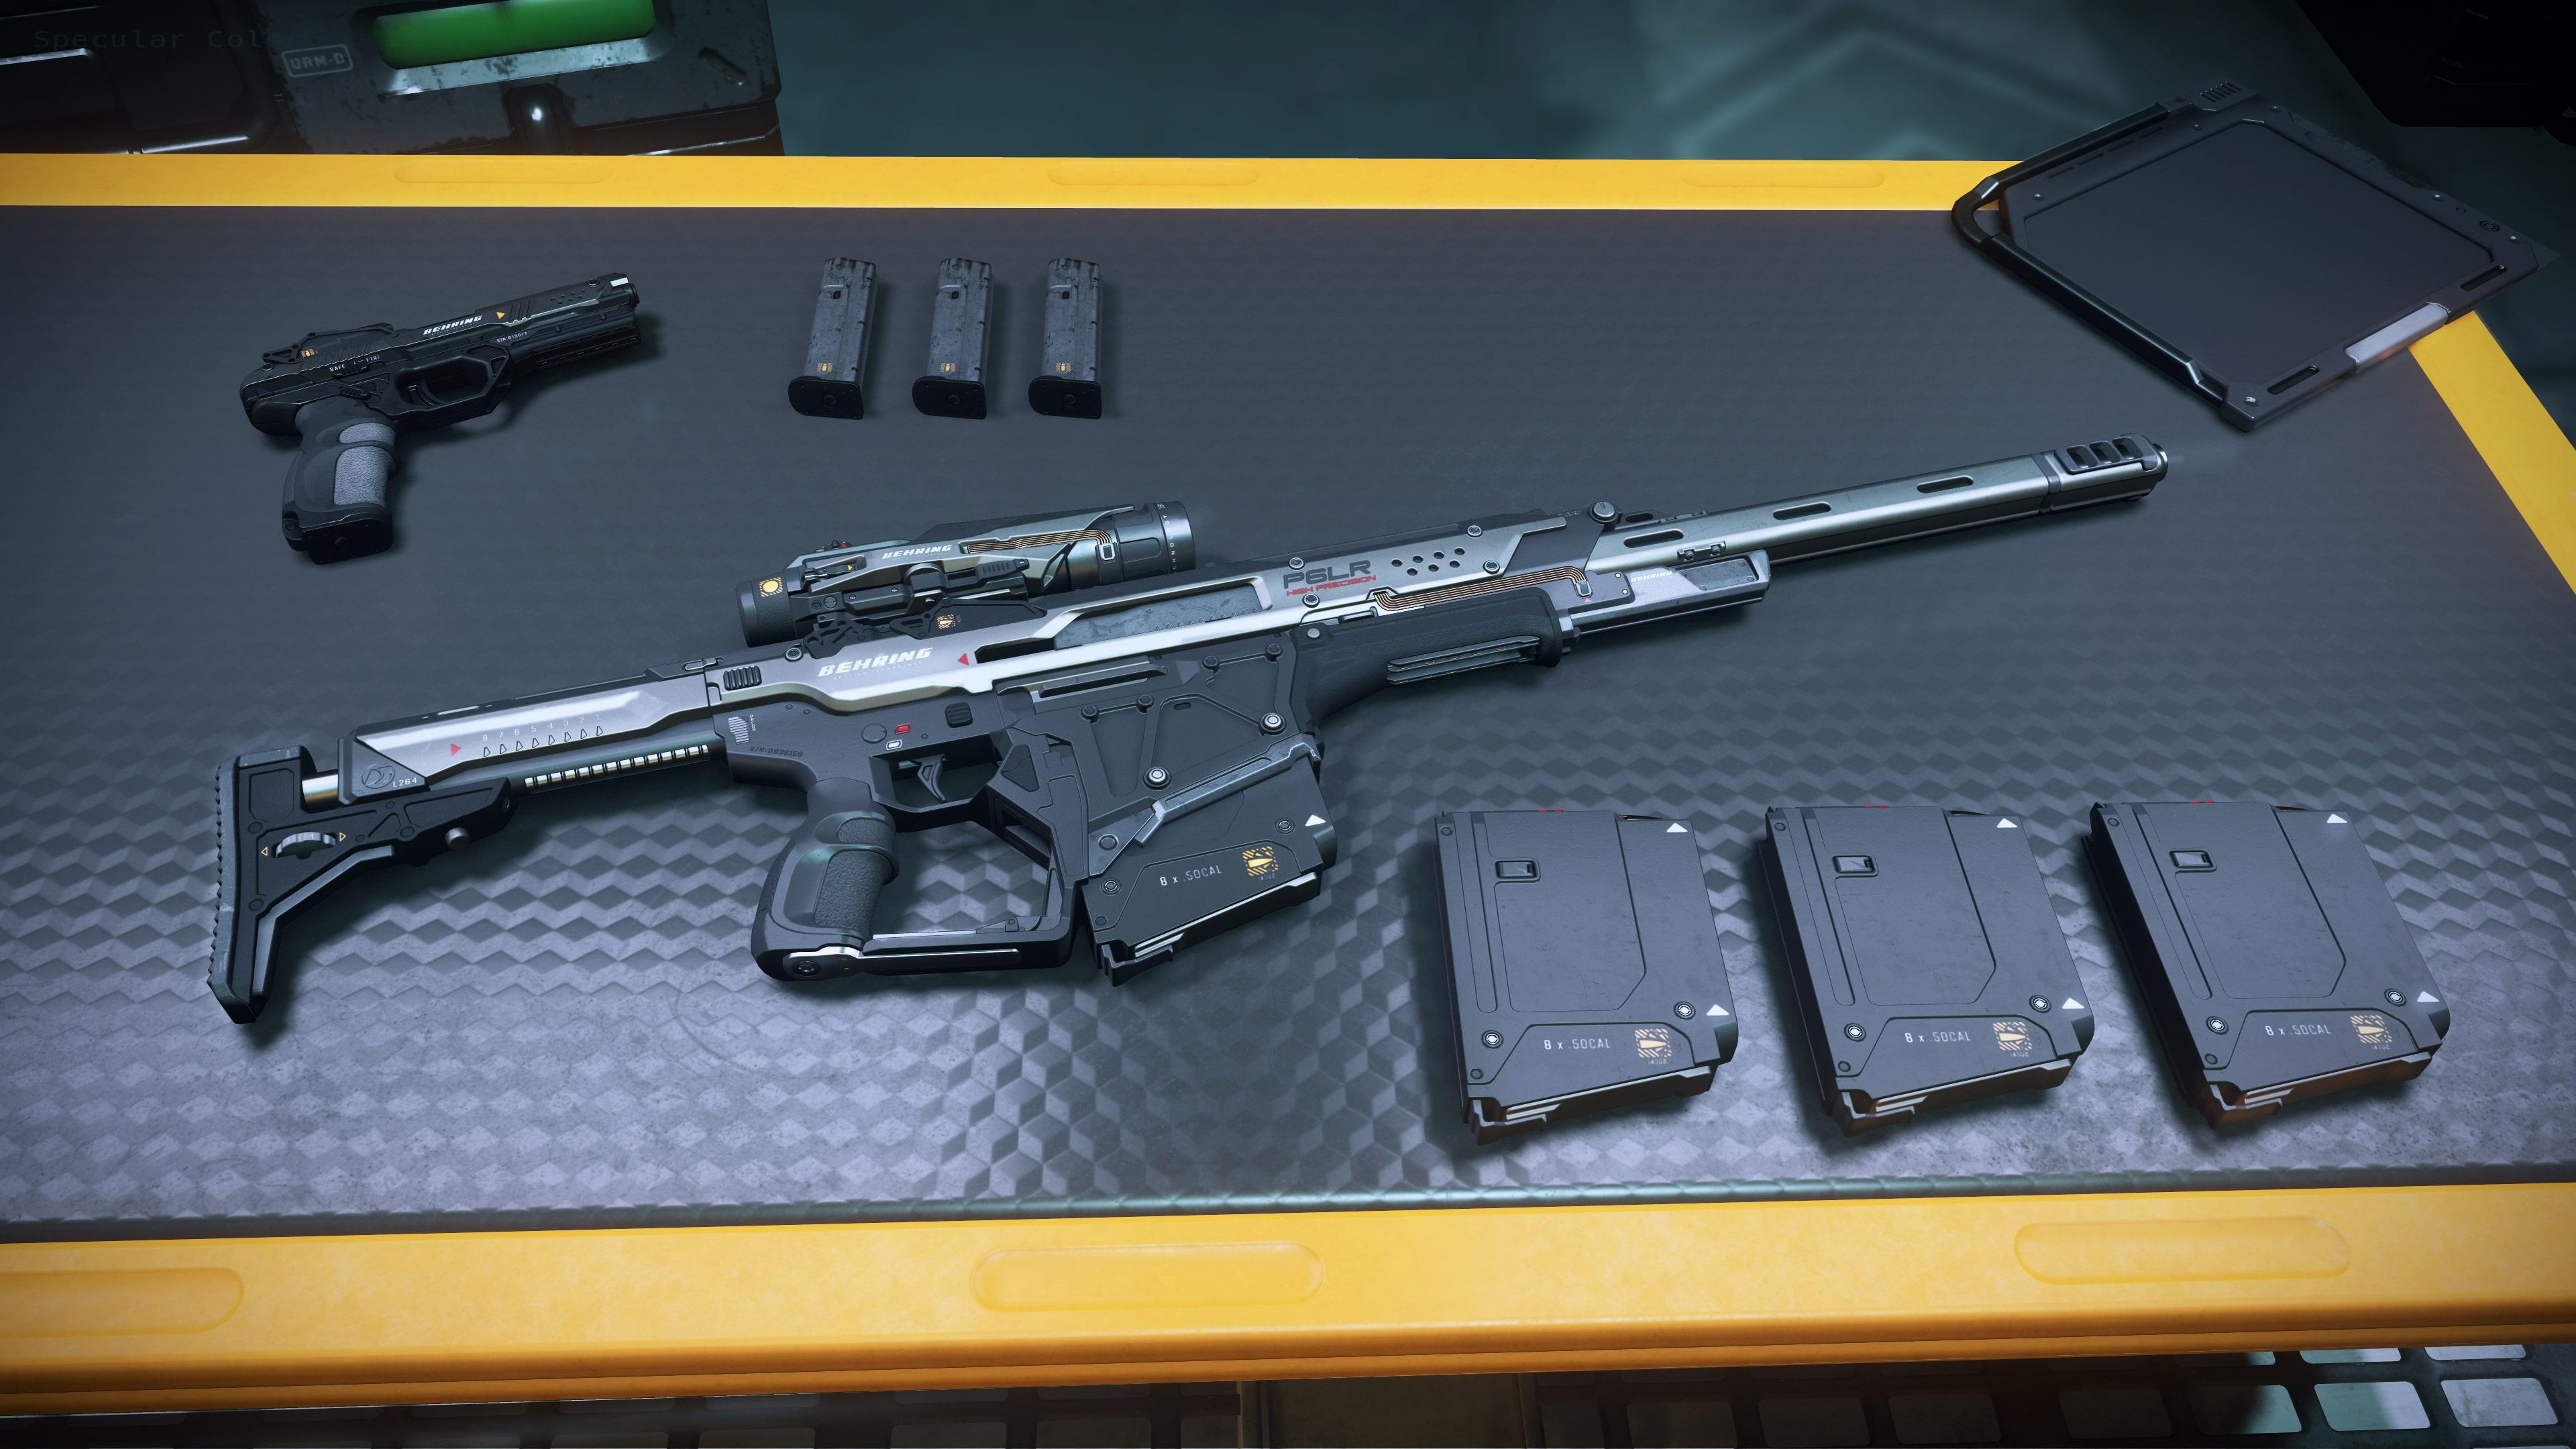 SniperShot_003_11_Dec_19-Min